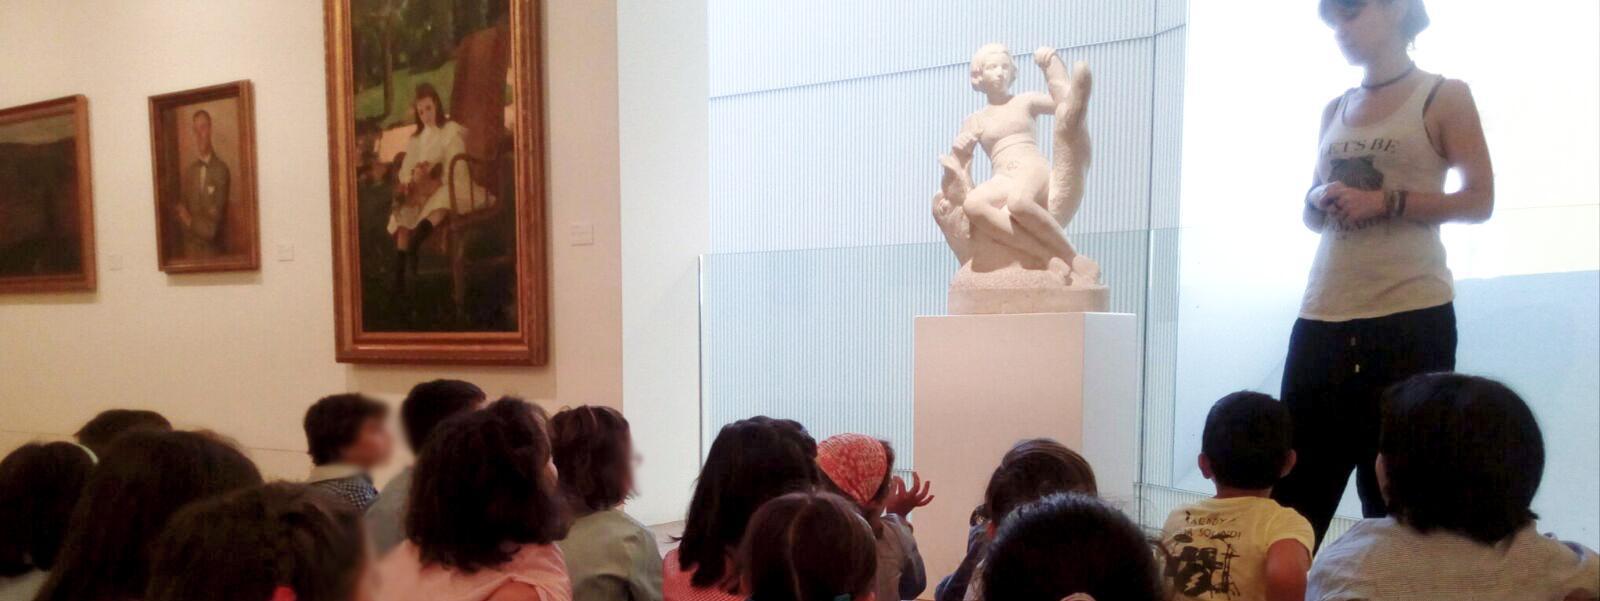 Nuevos talleres para los sábados en el Museo de Bellas Artes de Asturias